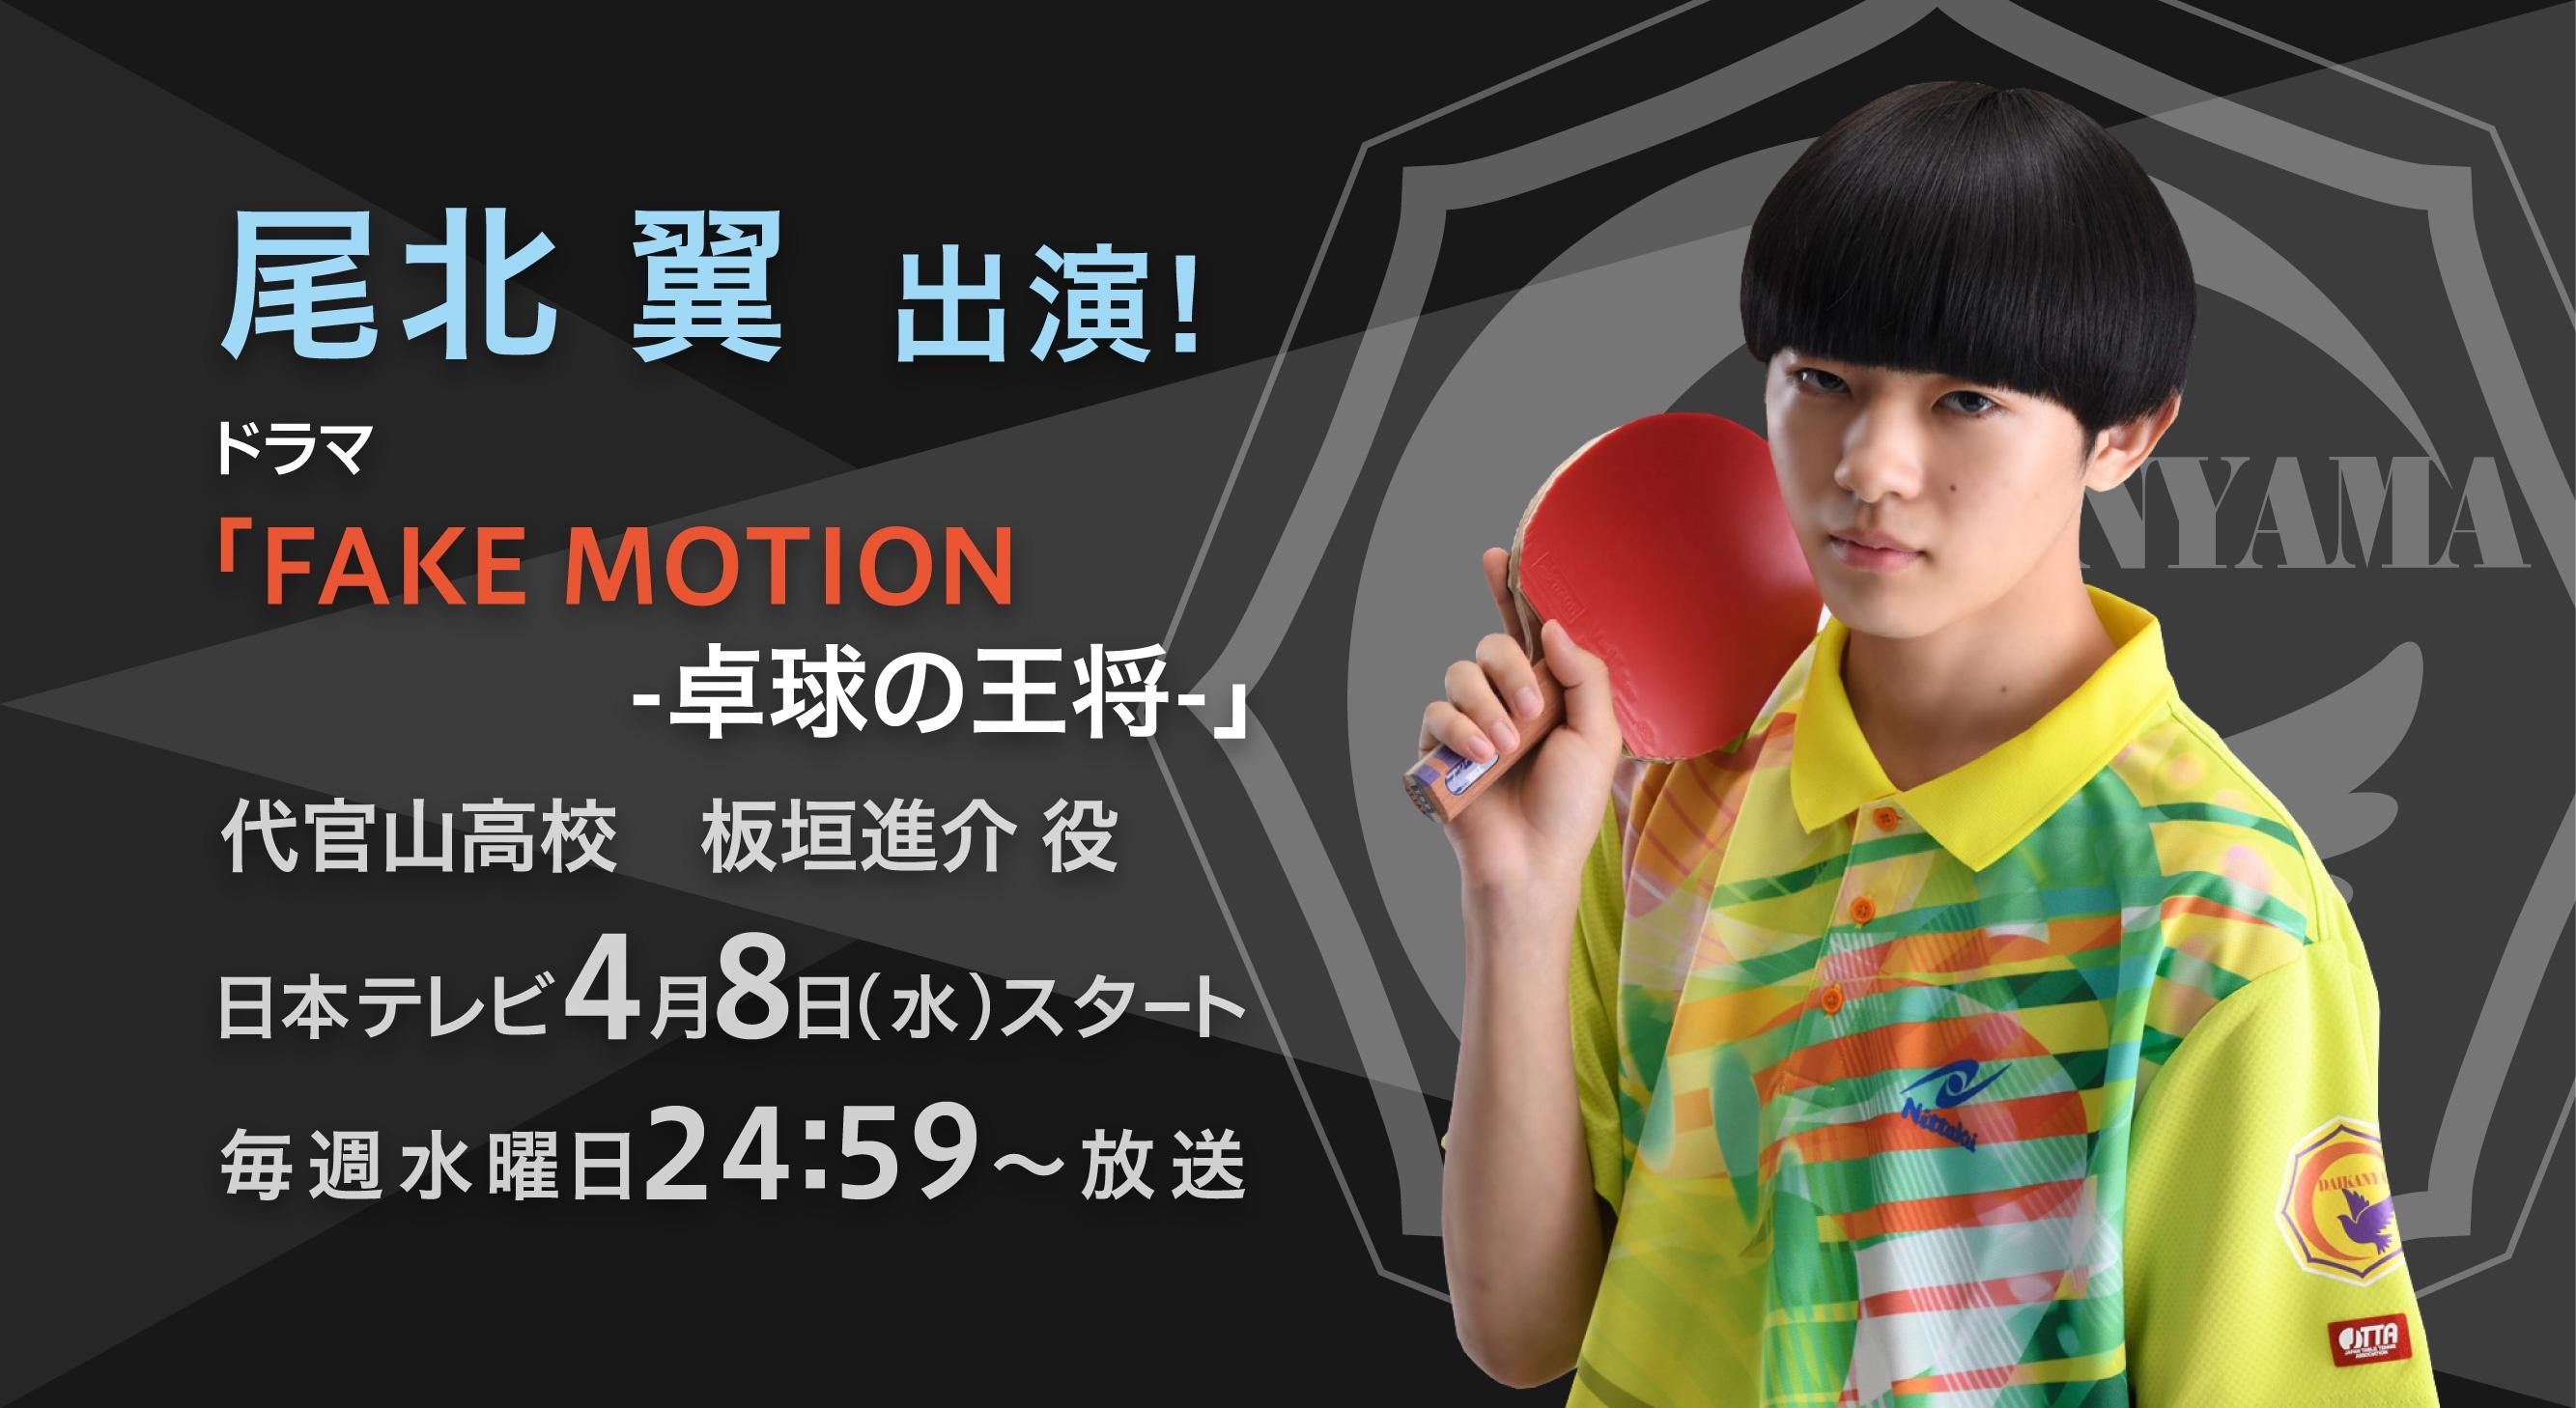 尾北翼 ドラマ「FAKE MOTION -卓球の王将-」